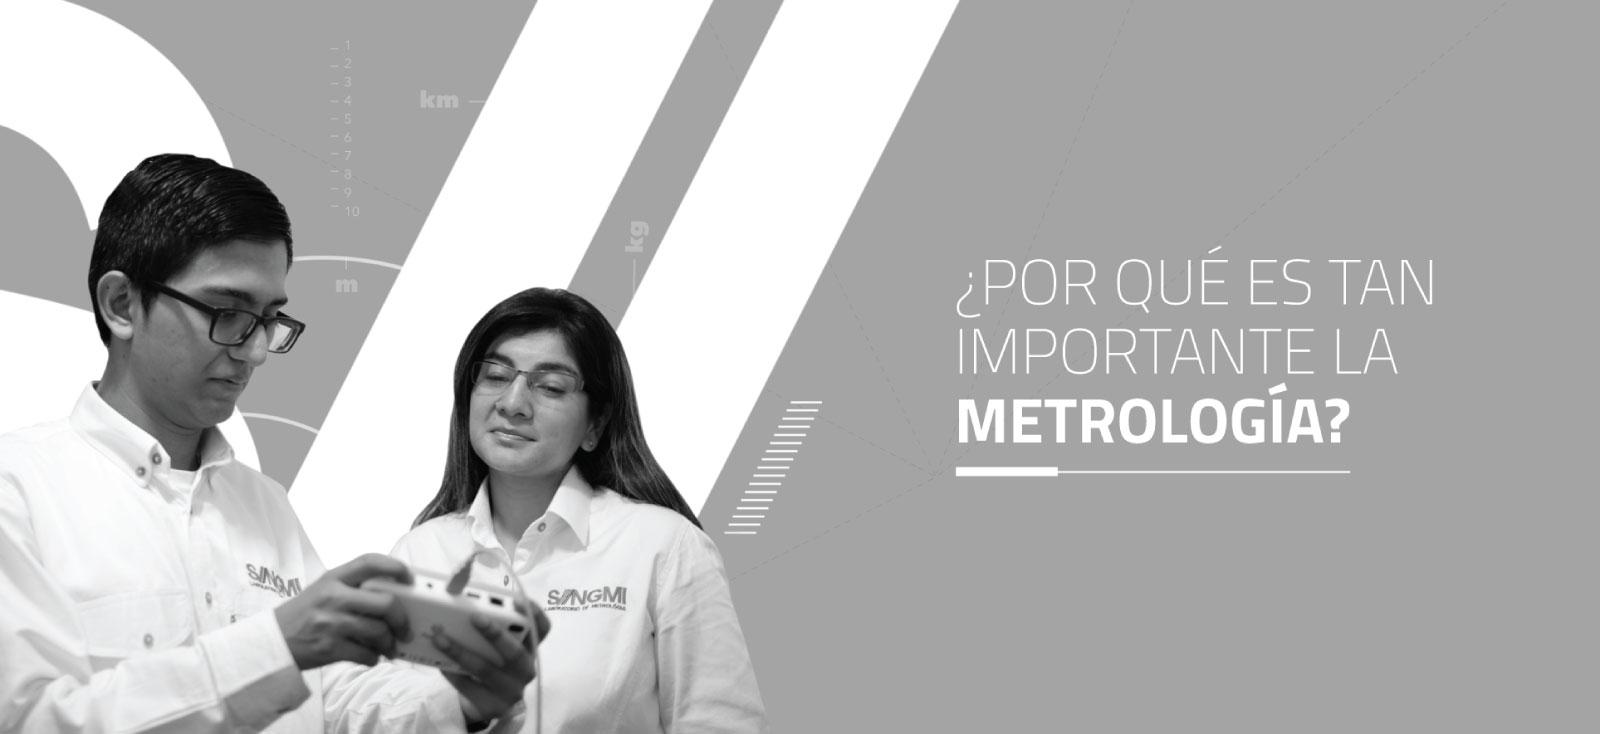 ¿Por qué es tan importante la metrología?